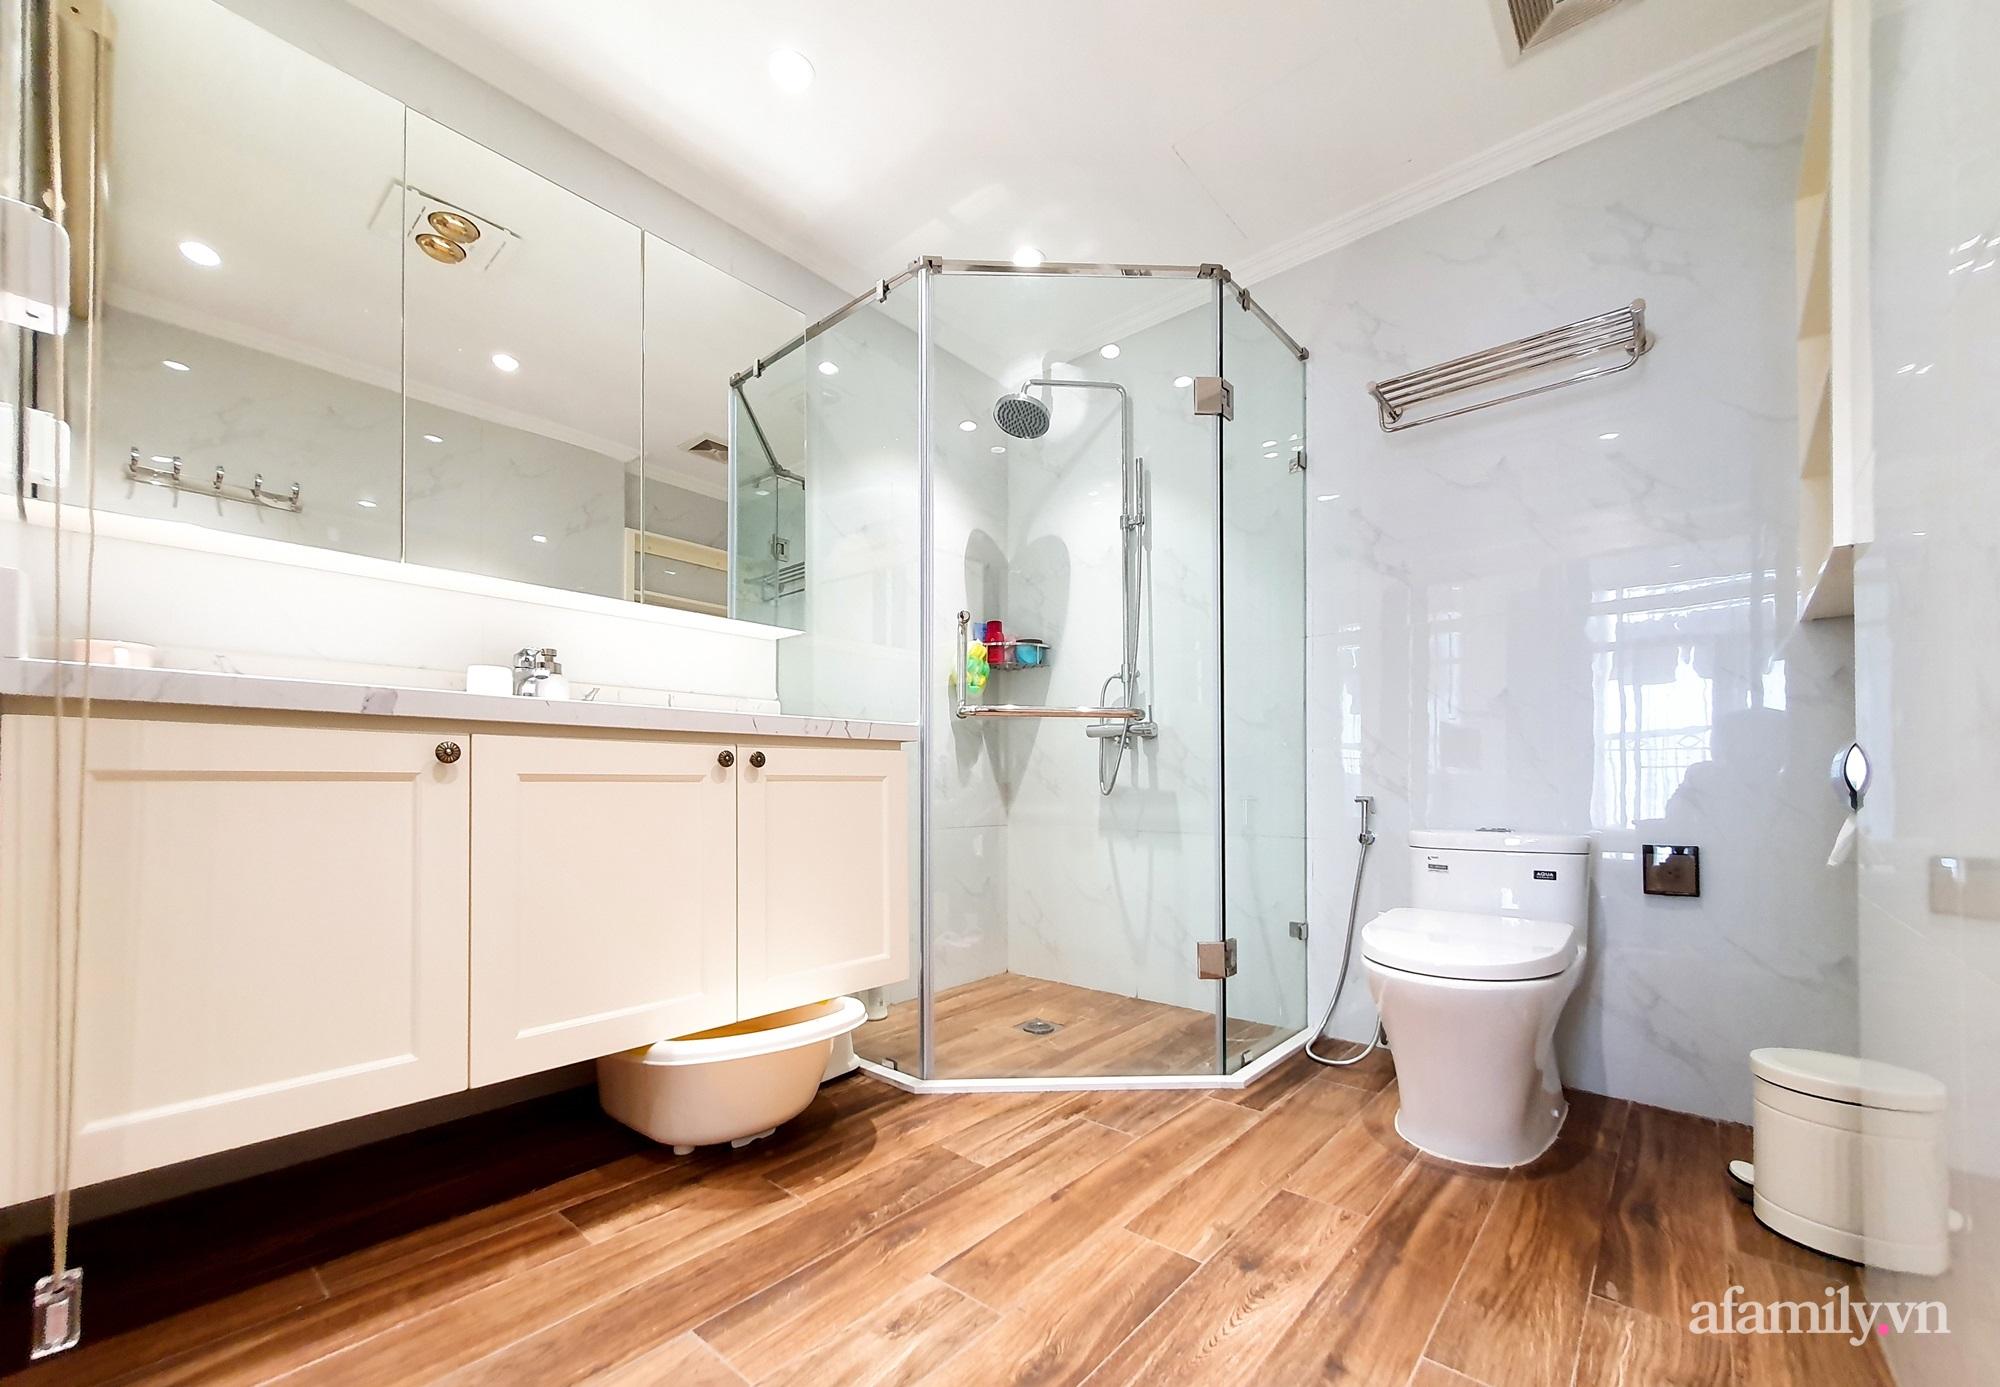 Căn hộ 121m² đẹp sang chảnh với phong cách bán cổ điển ở Hà Nội - Ảnh 21.